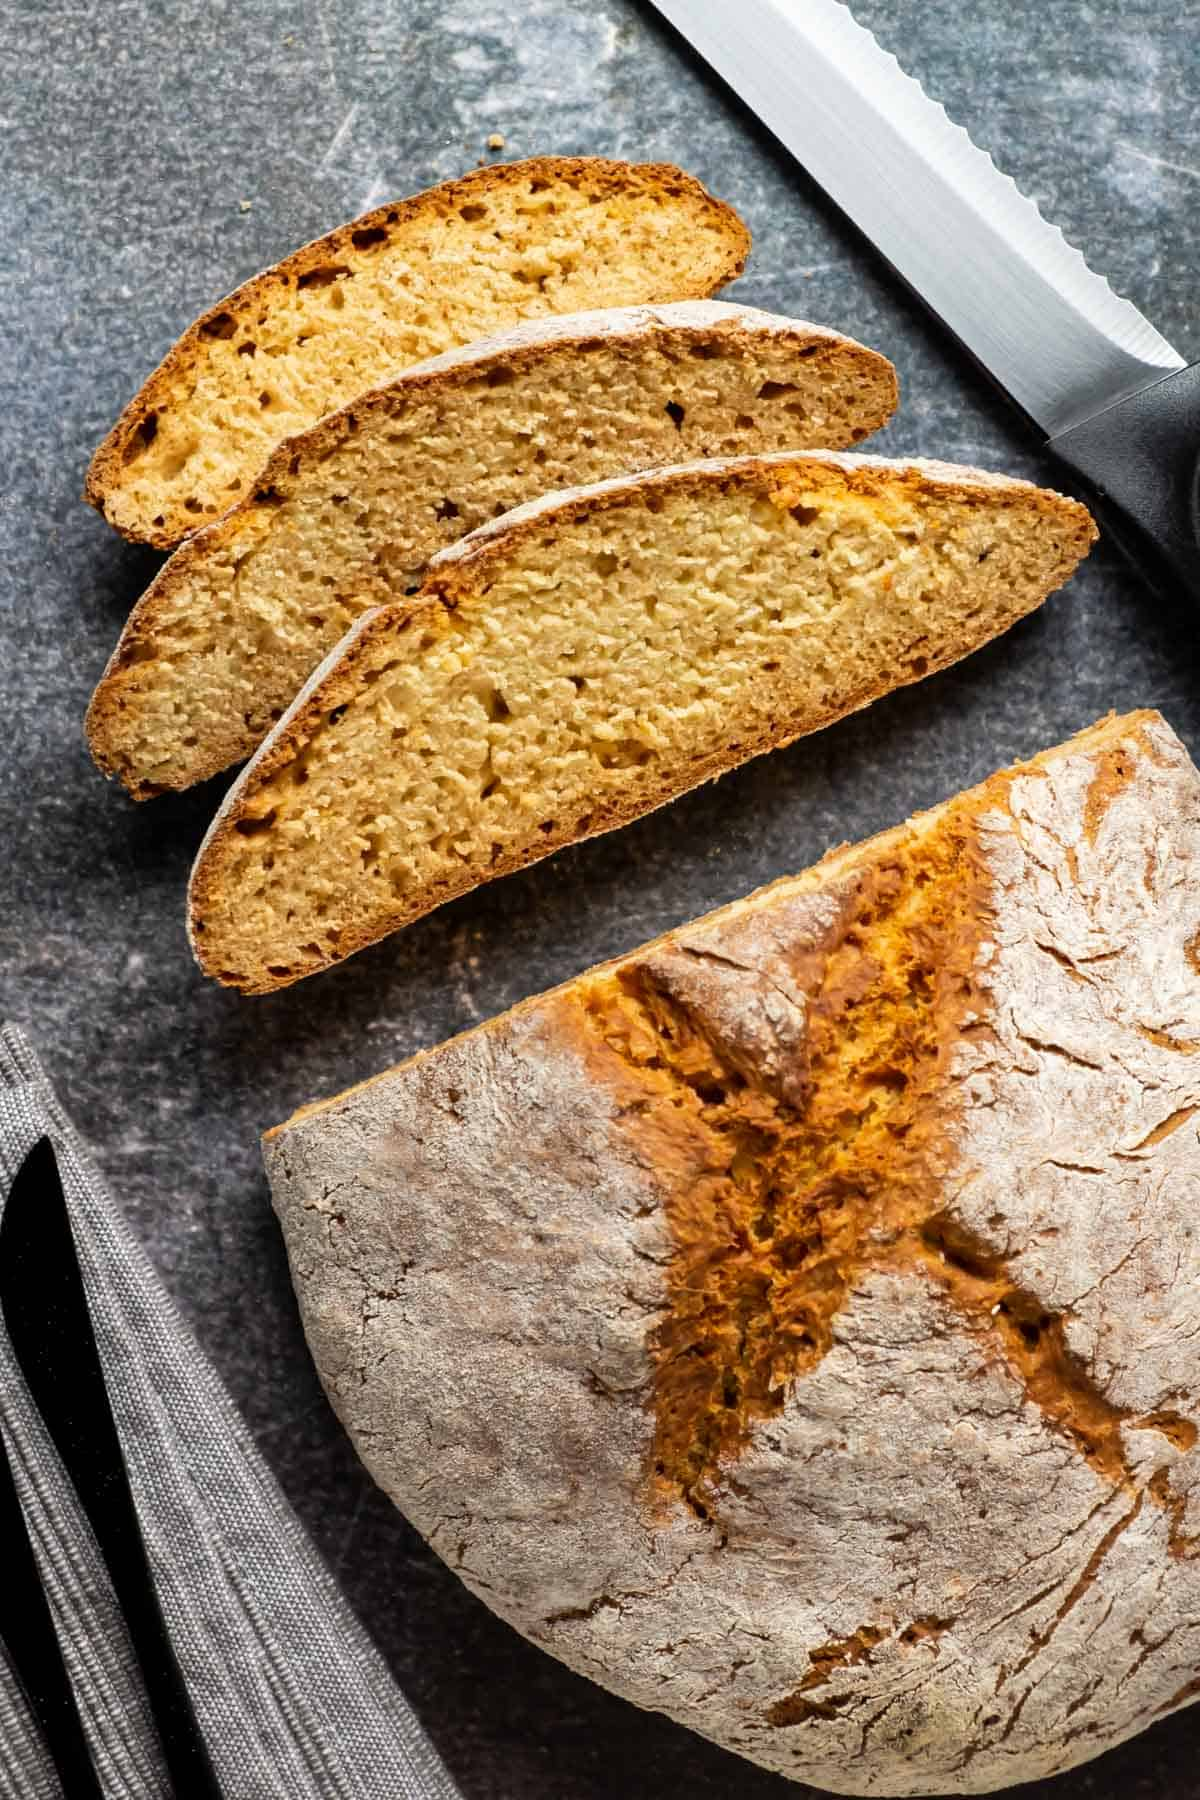 Vegan soda bread loaf with three slices cut.